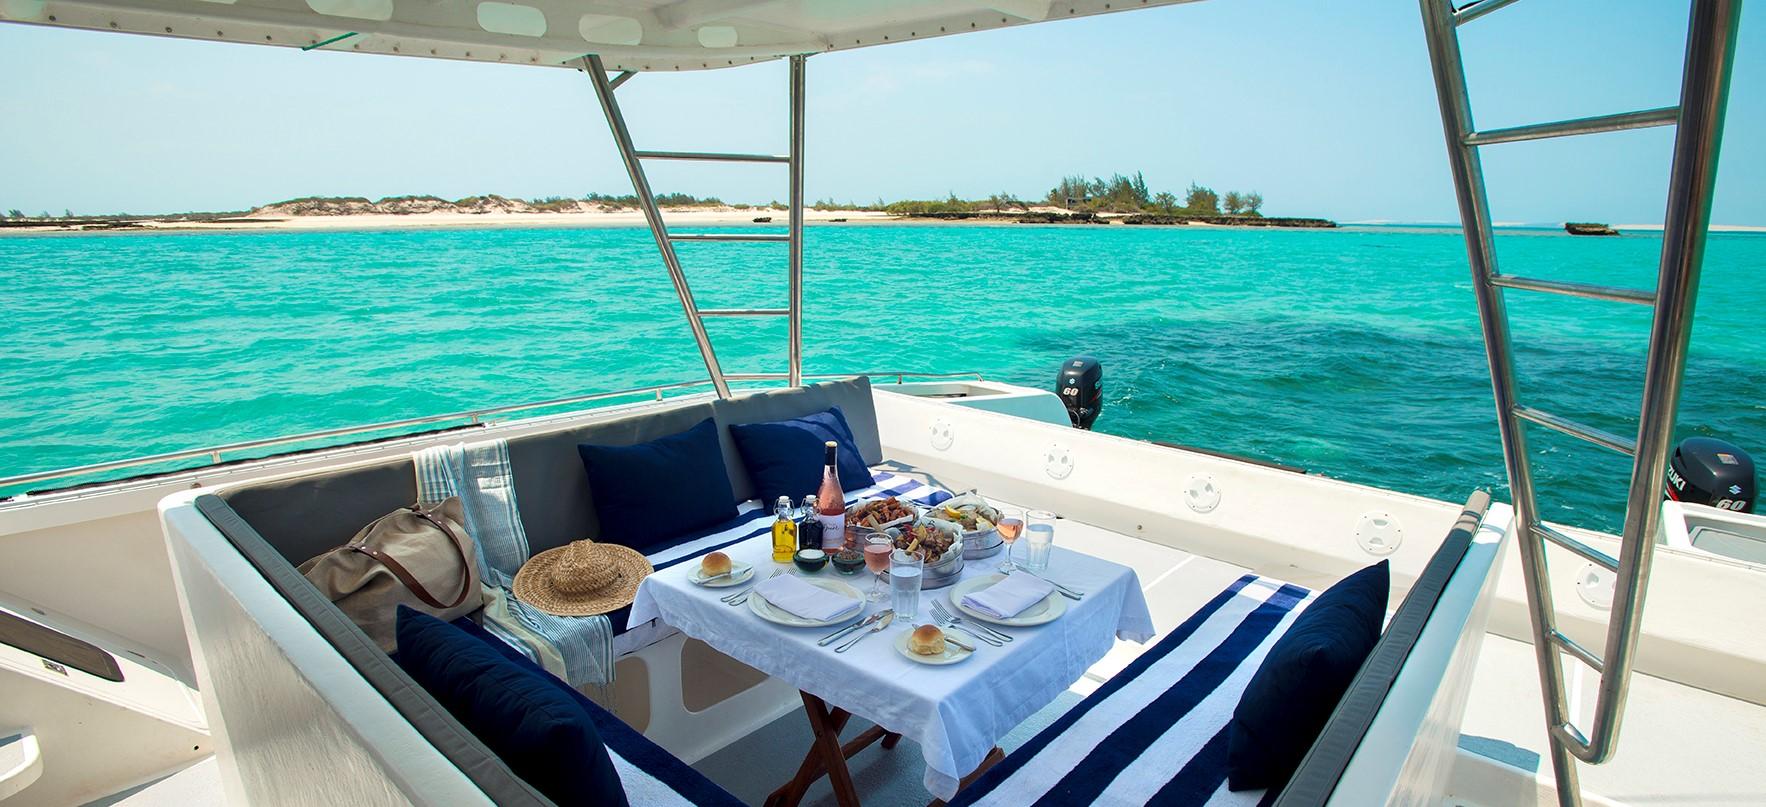 benguerra-island-boat-cruise